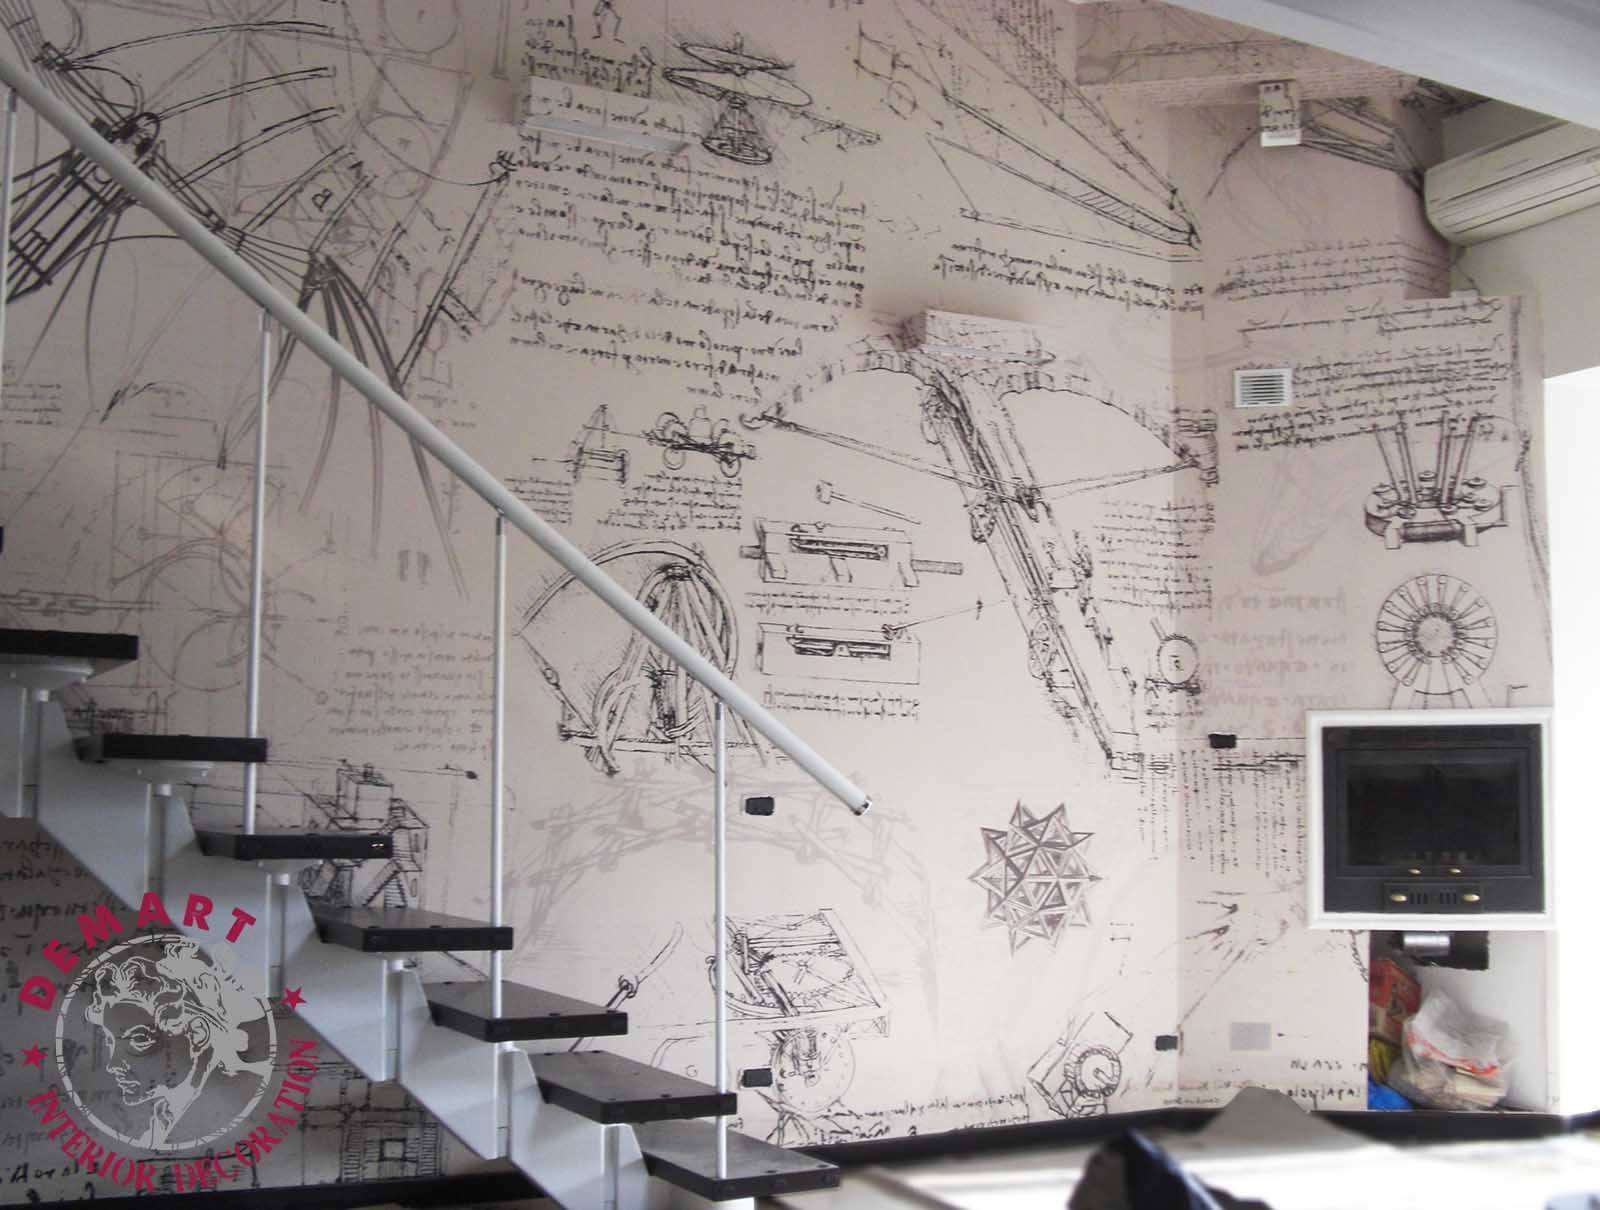 decorazione-parete-affresco-digitale-castrignano-cambio-casa-cambio-vita-04